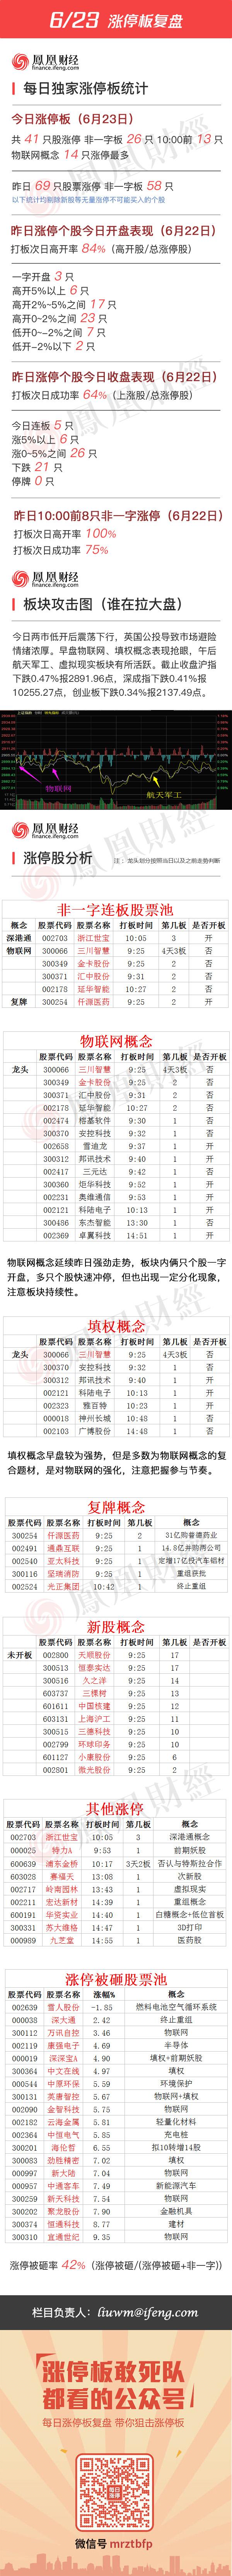 2016年6月23日涨停板复盘 - 小美 - xing1969wuw的博客